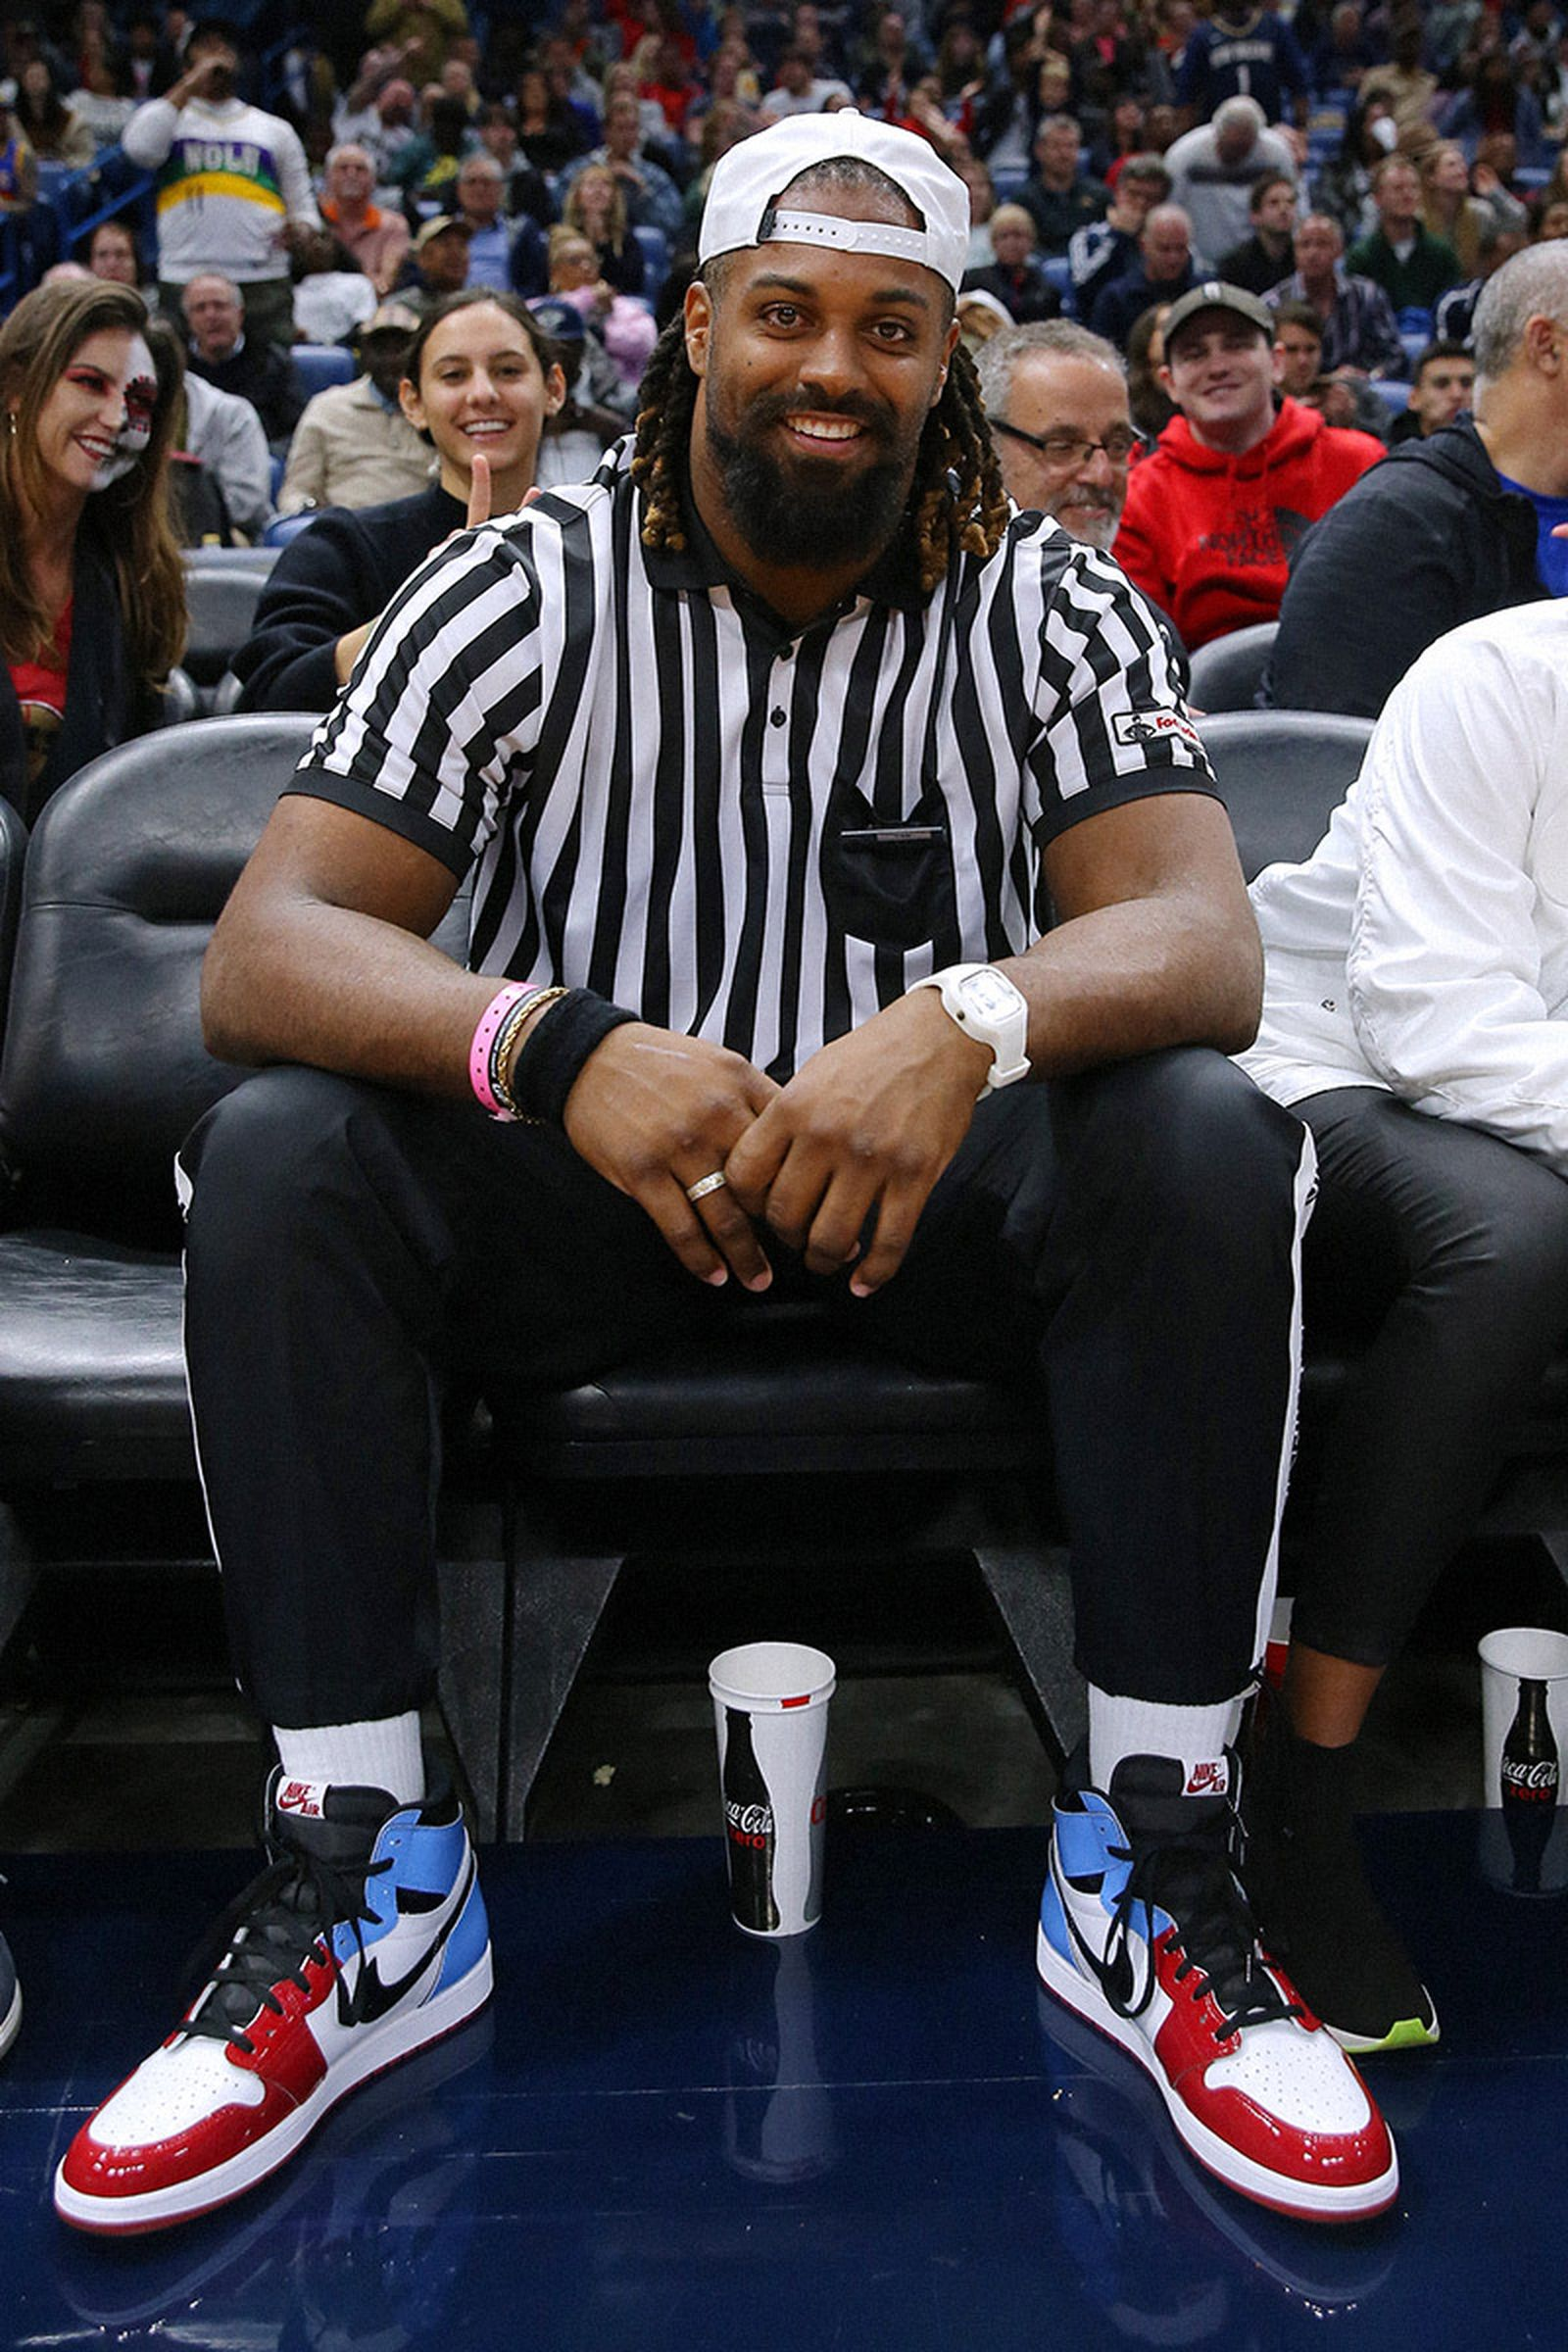 foot-locker-striper-jersey-02